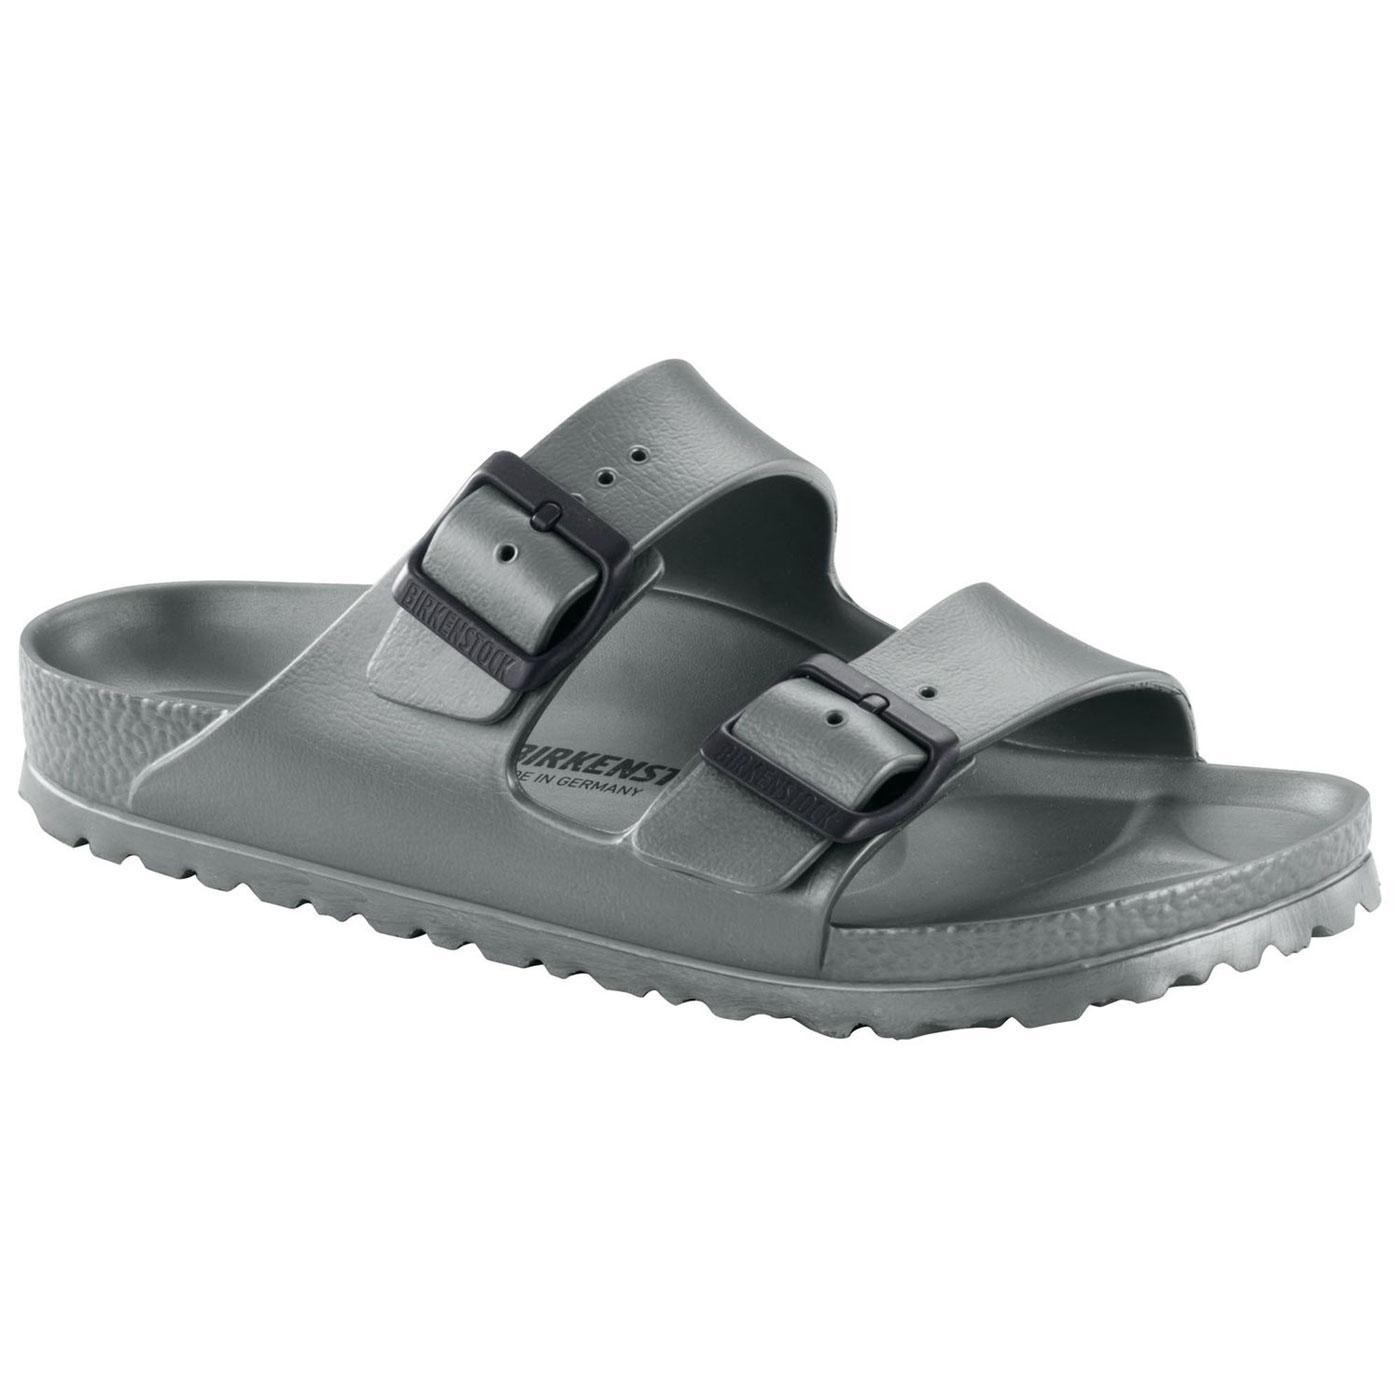 Arizona EVA BIRKENSTOCK Retro Waterproof Sandals G